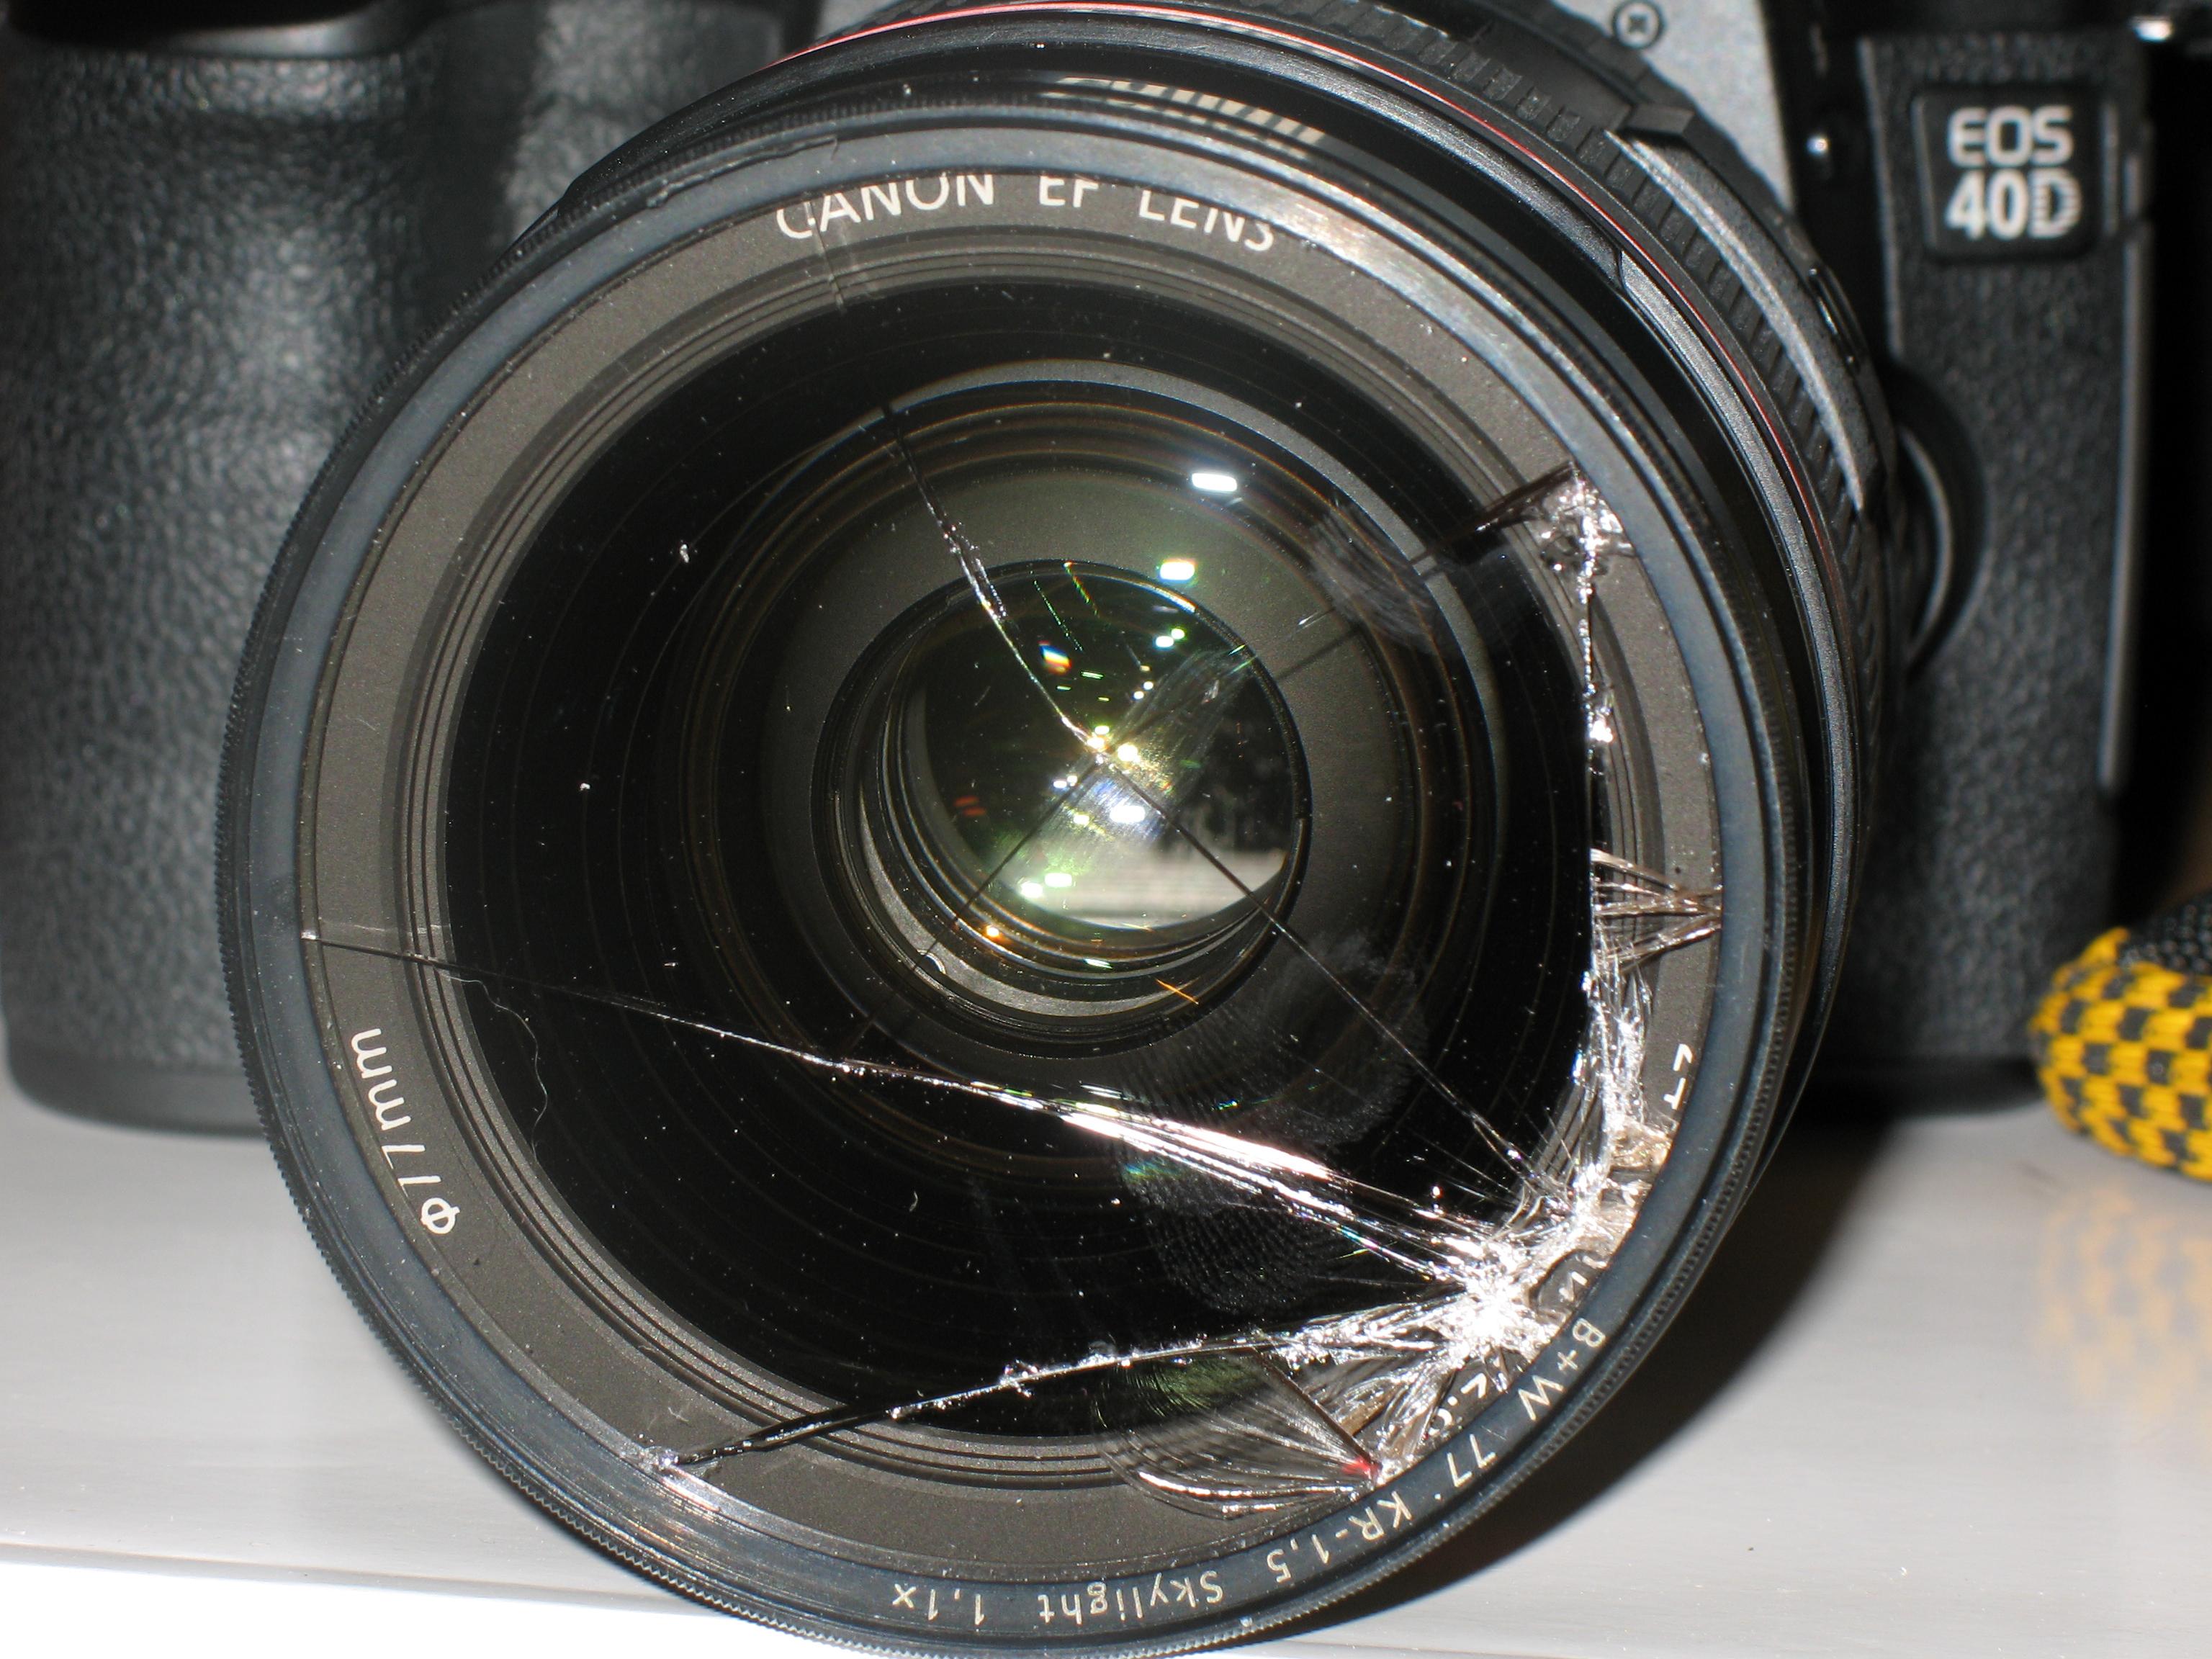 7 Tipps für die Gesundheit (Eurer Kamera) - Teil 1